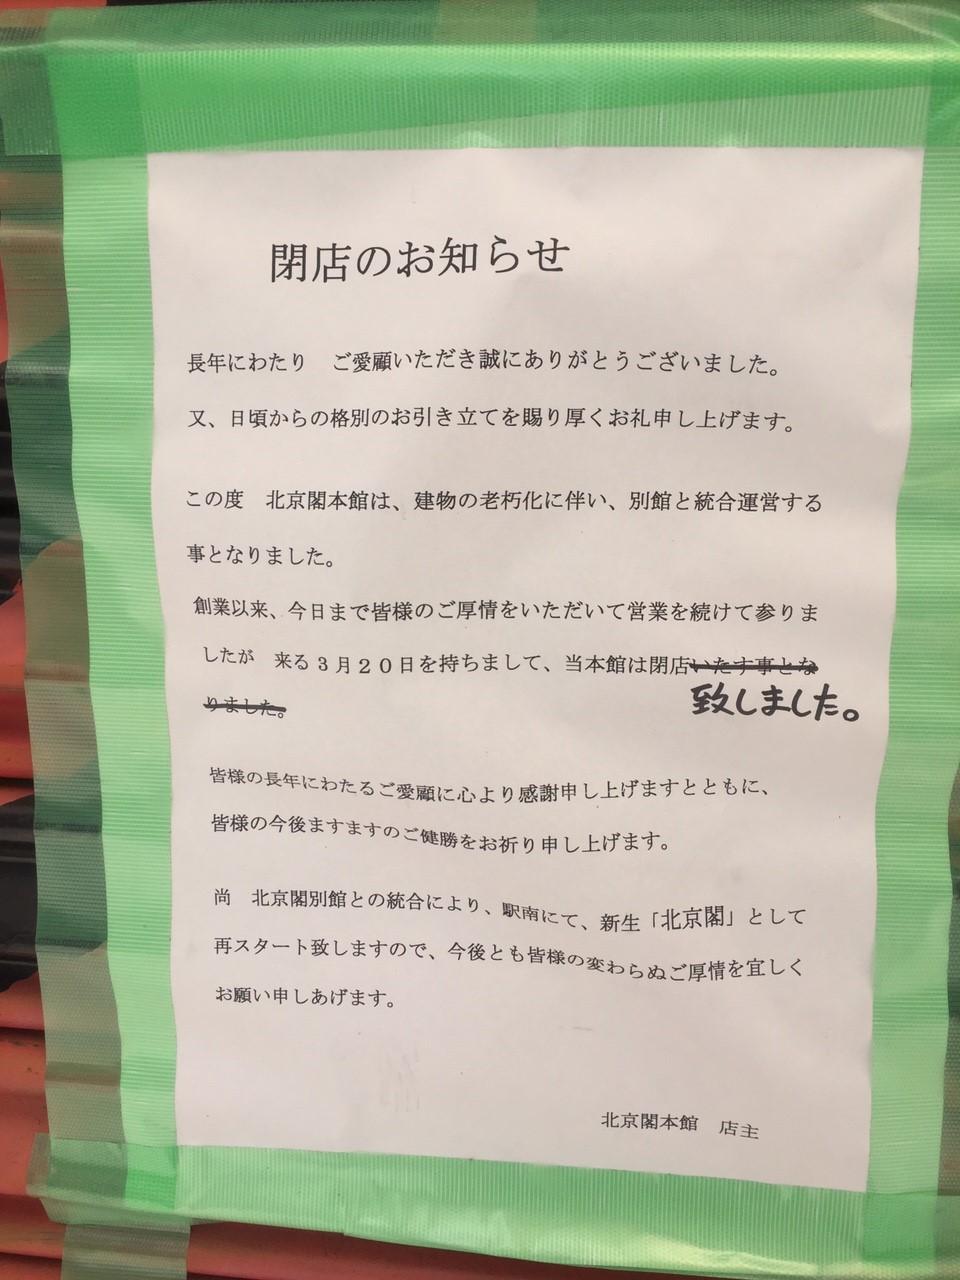 北京かくが閉店している_3408